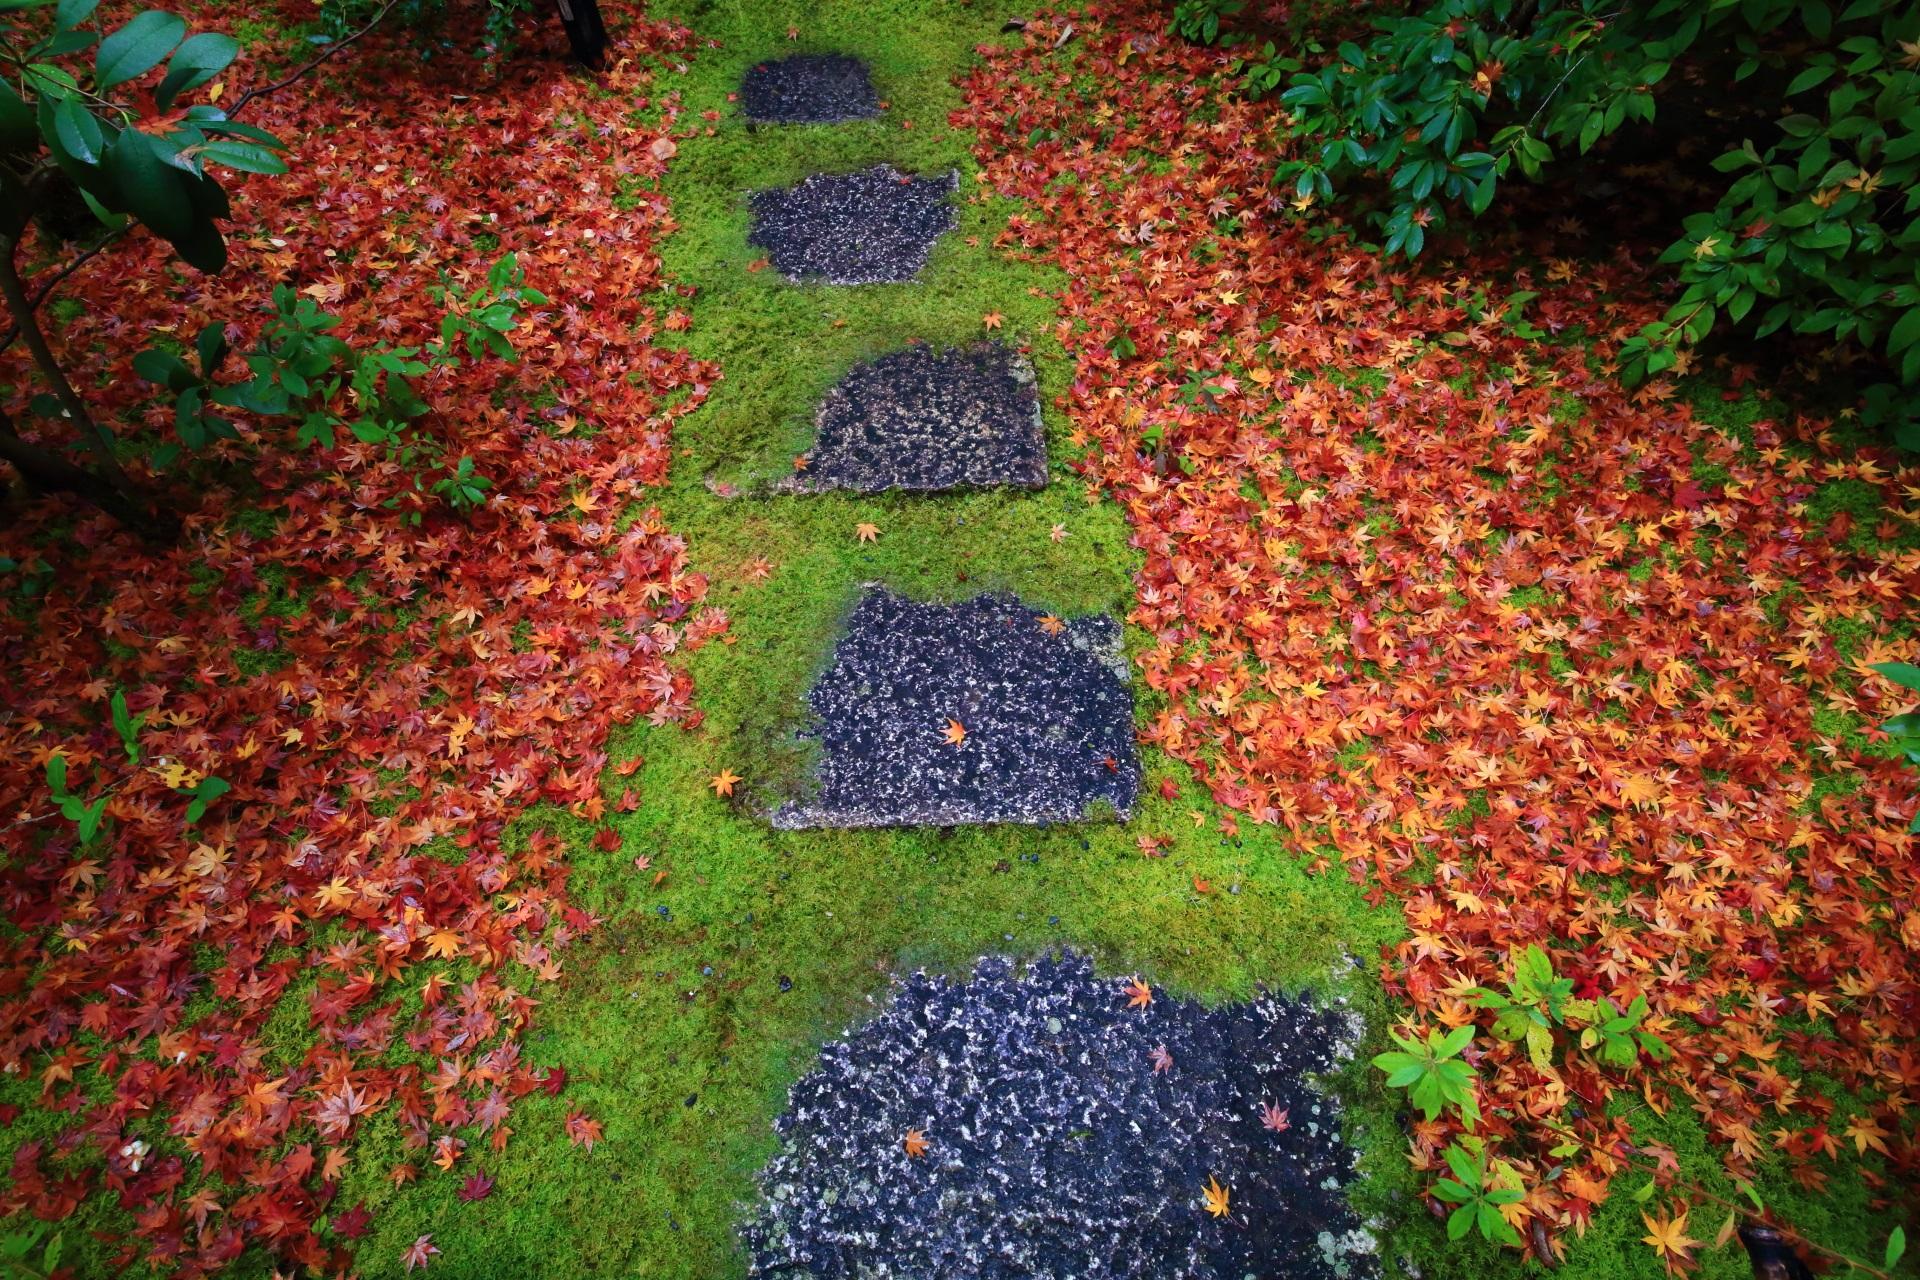 光悦垣の向かいあたりから続く参道の散り紅葉